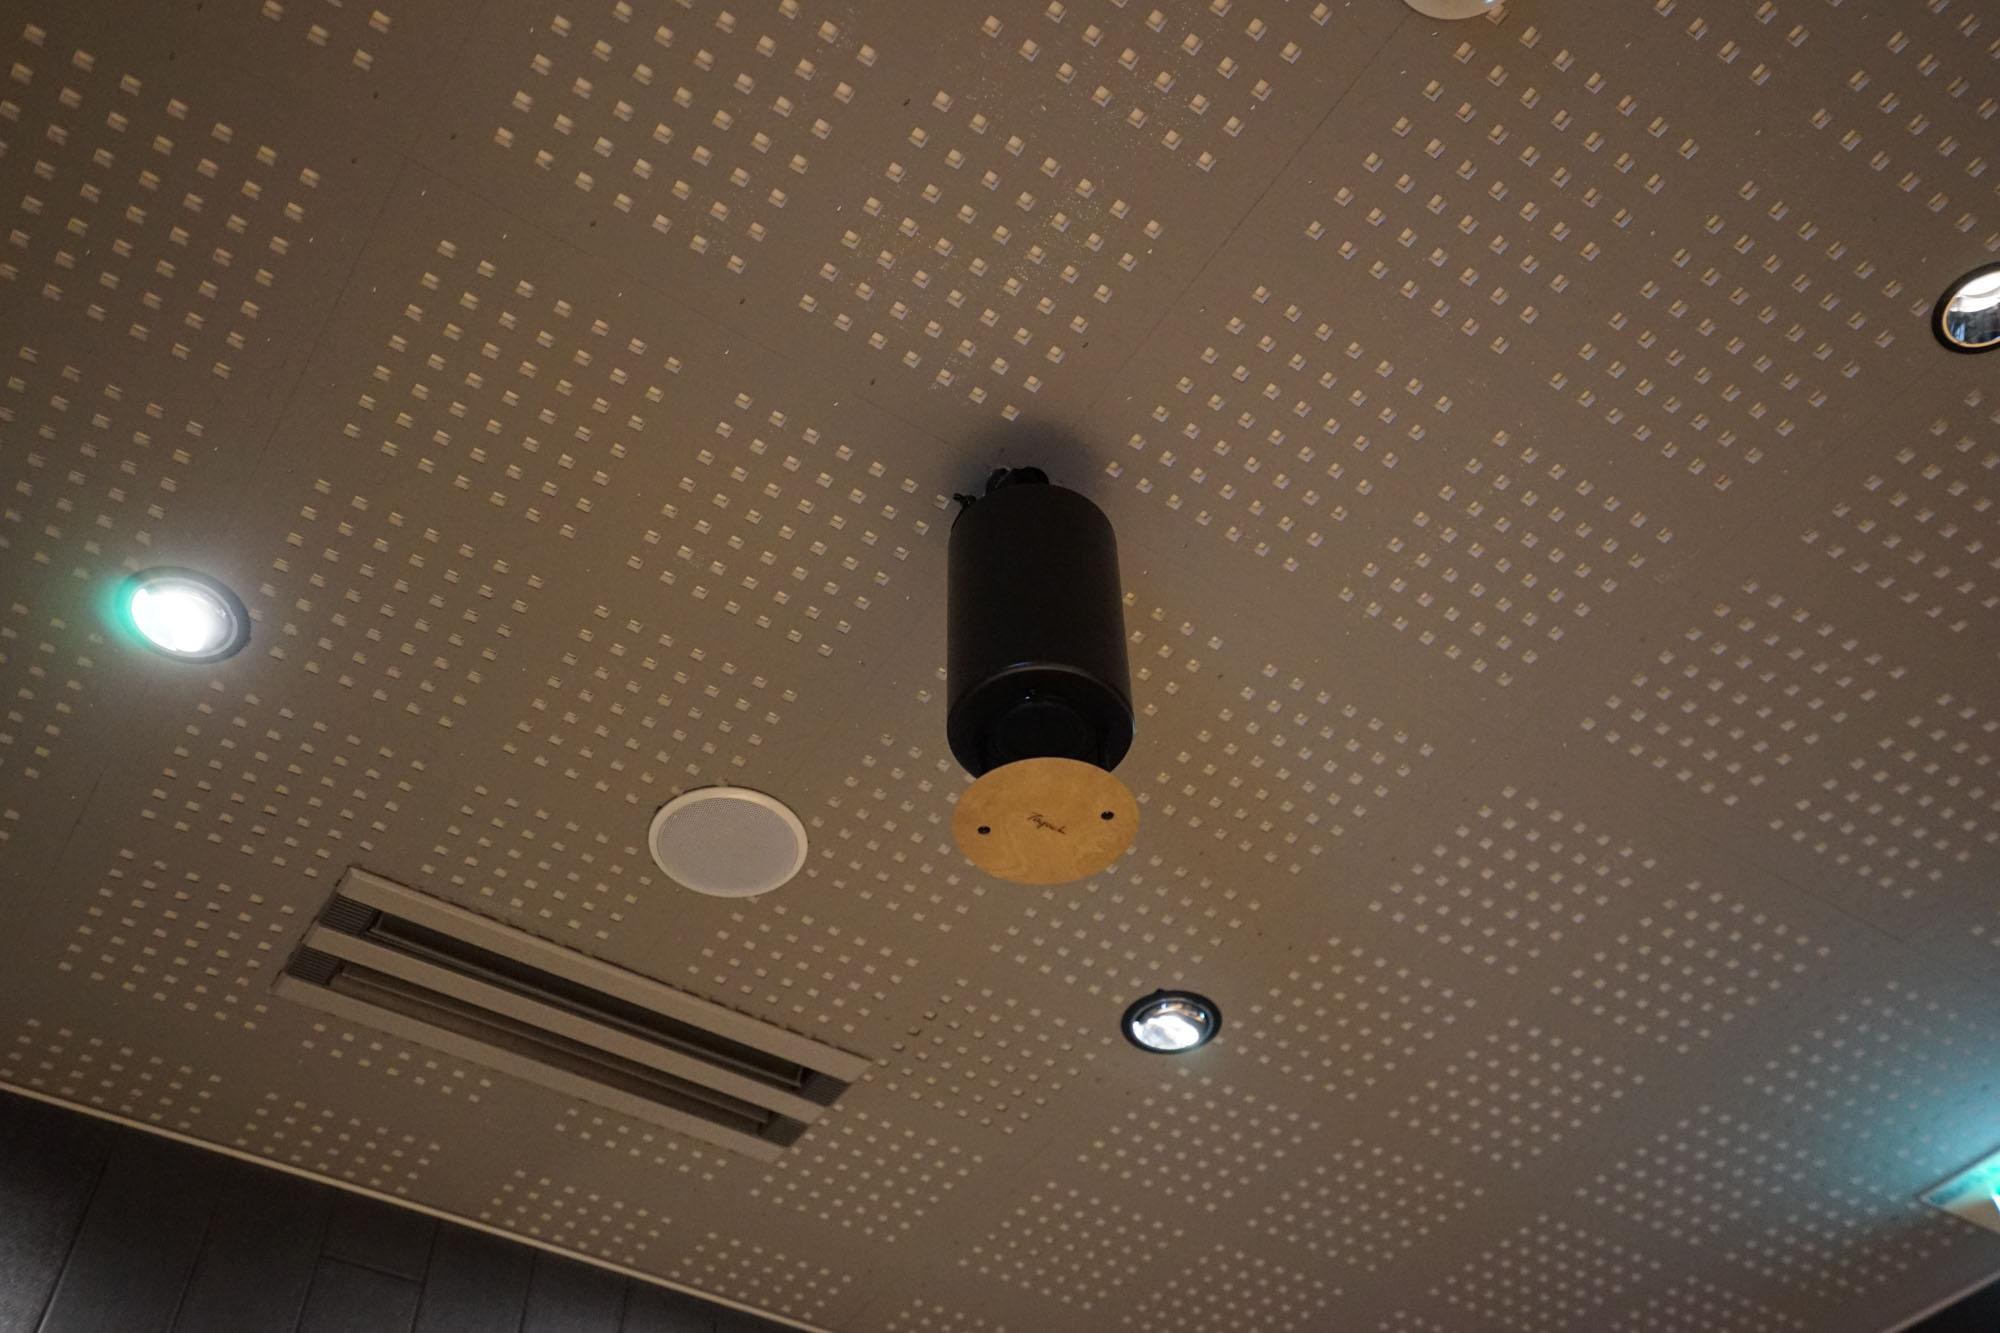 館内のいたるところに、スピーカーが設置されていて、快適な音響空間を演出します。